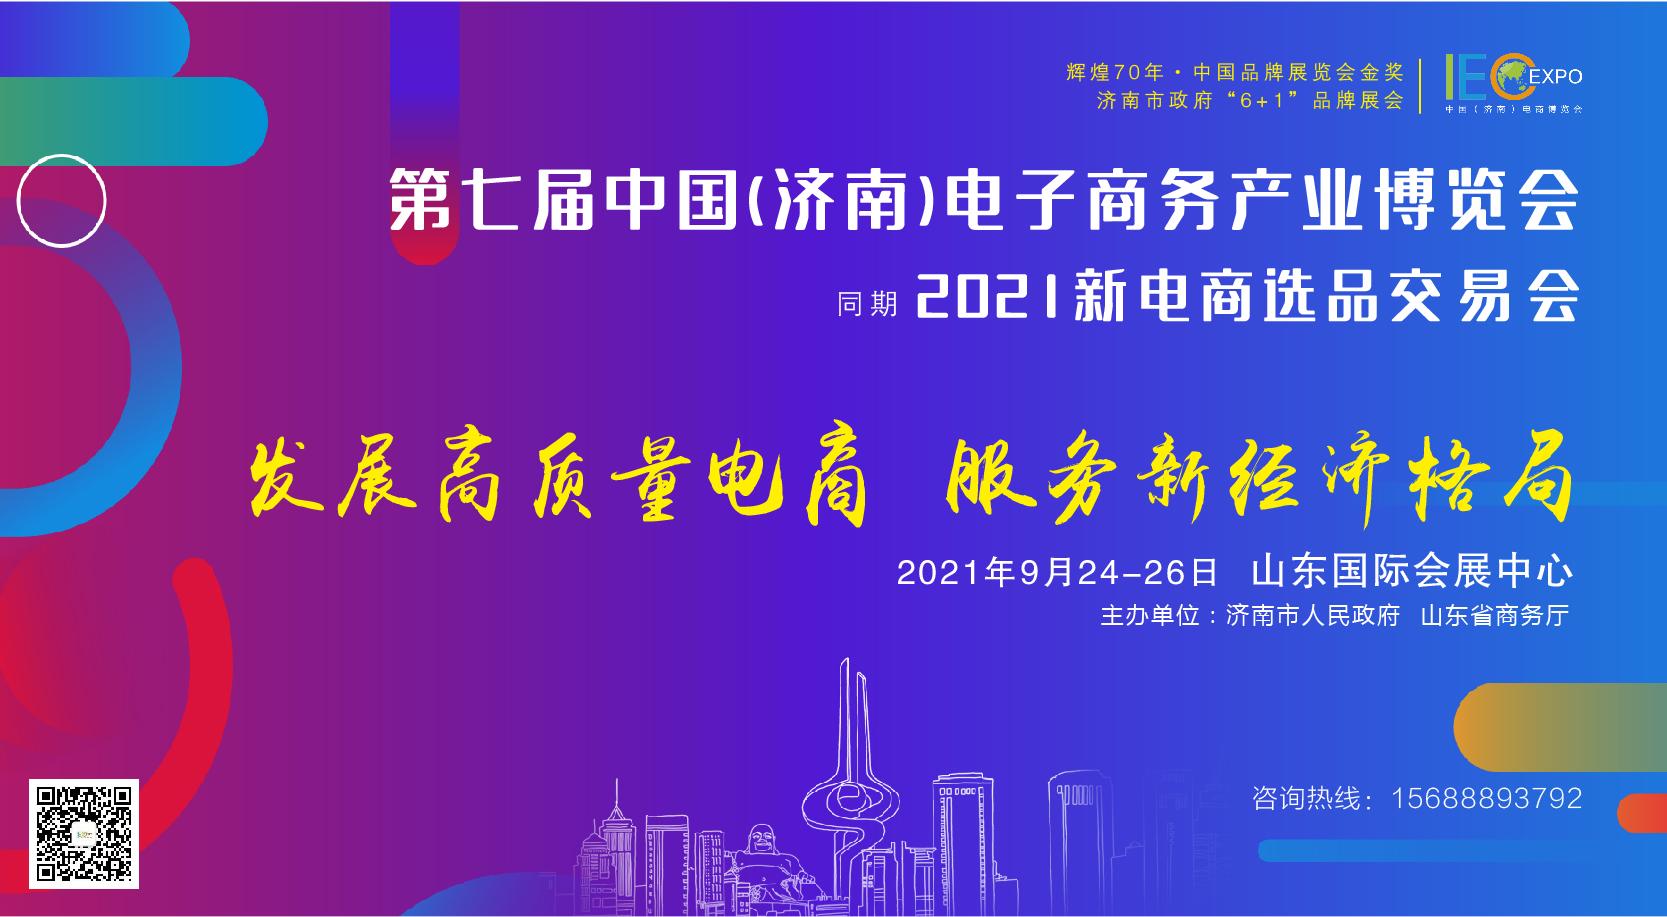 2021第七届中国(济南)电子商务产业博览会